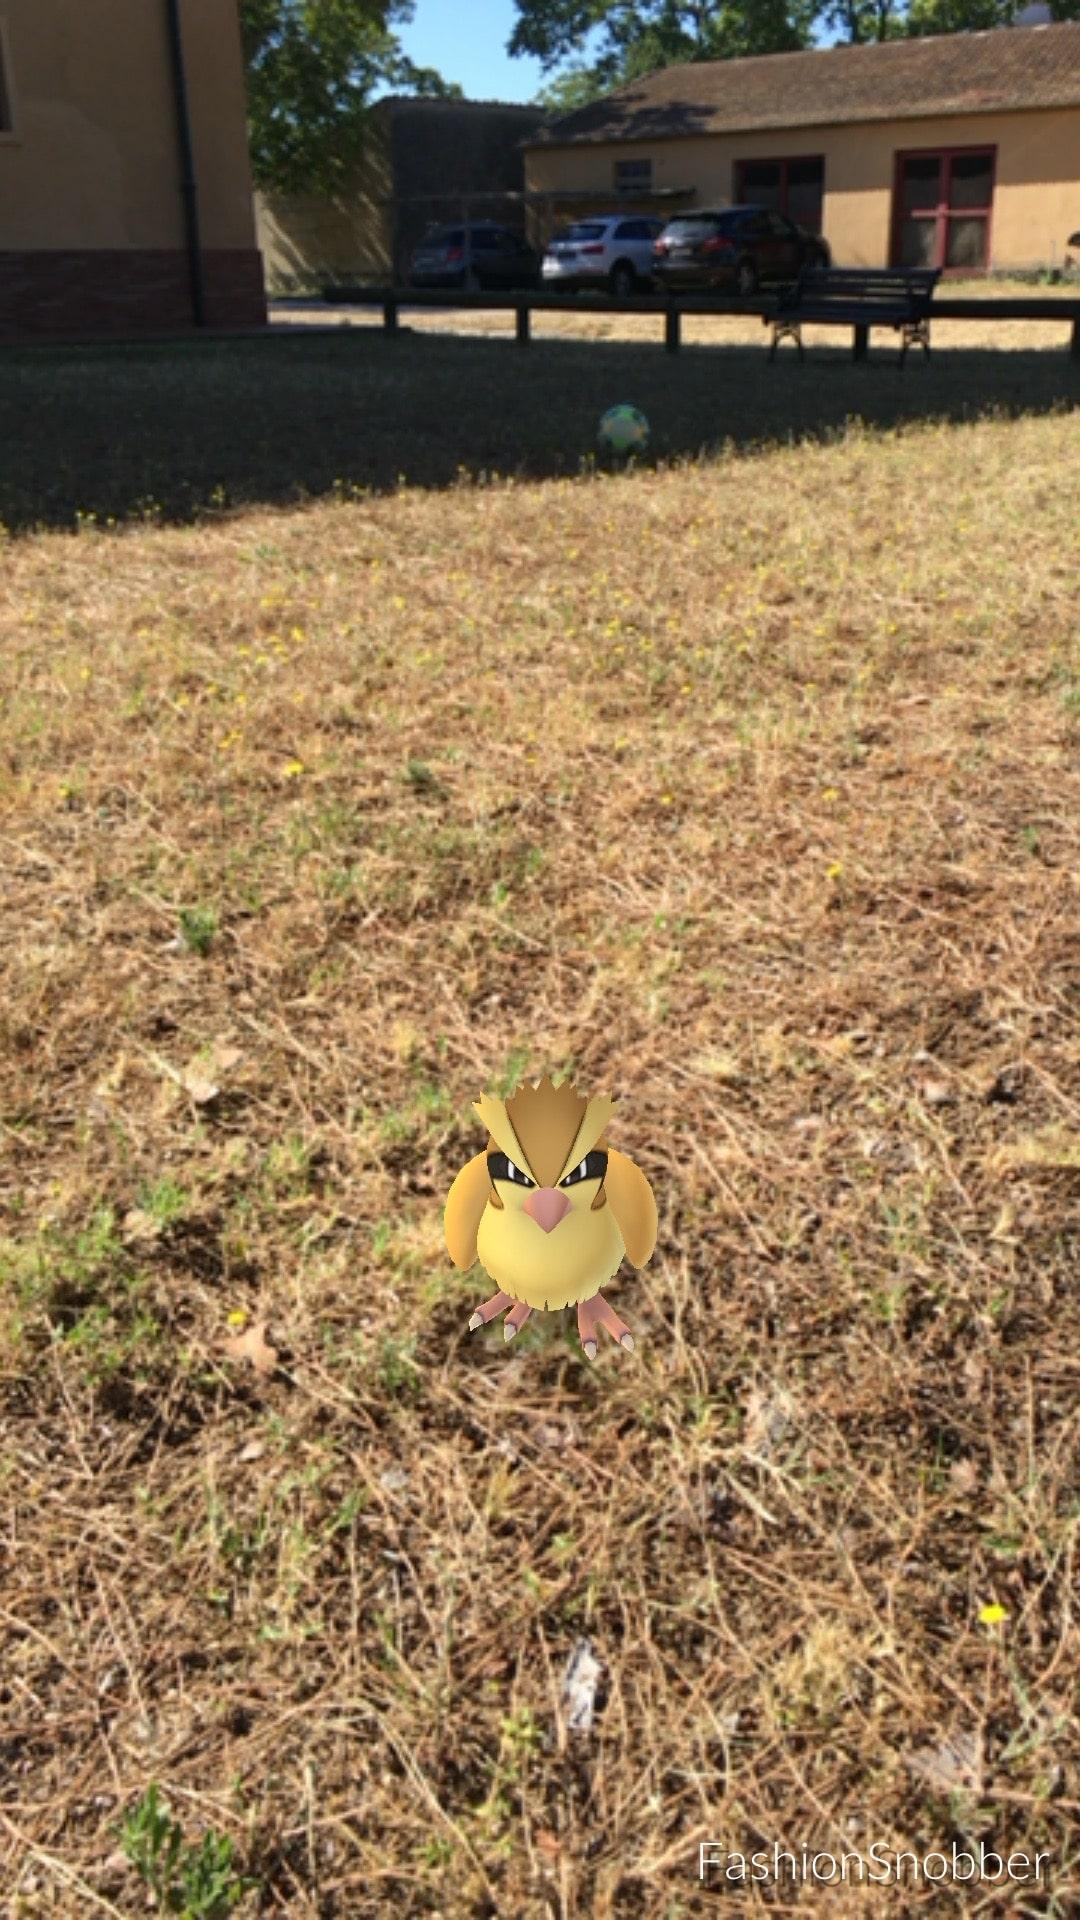 Pidgey Pokémon Go.